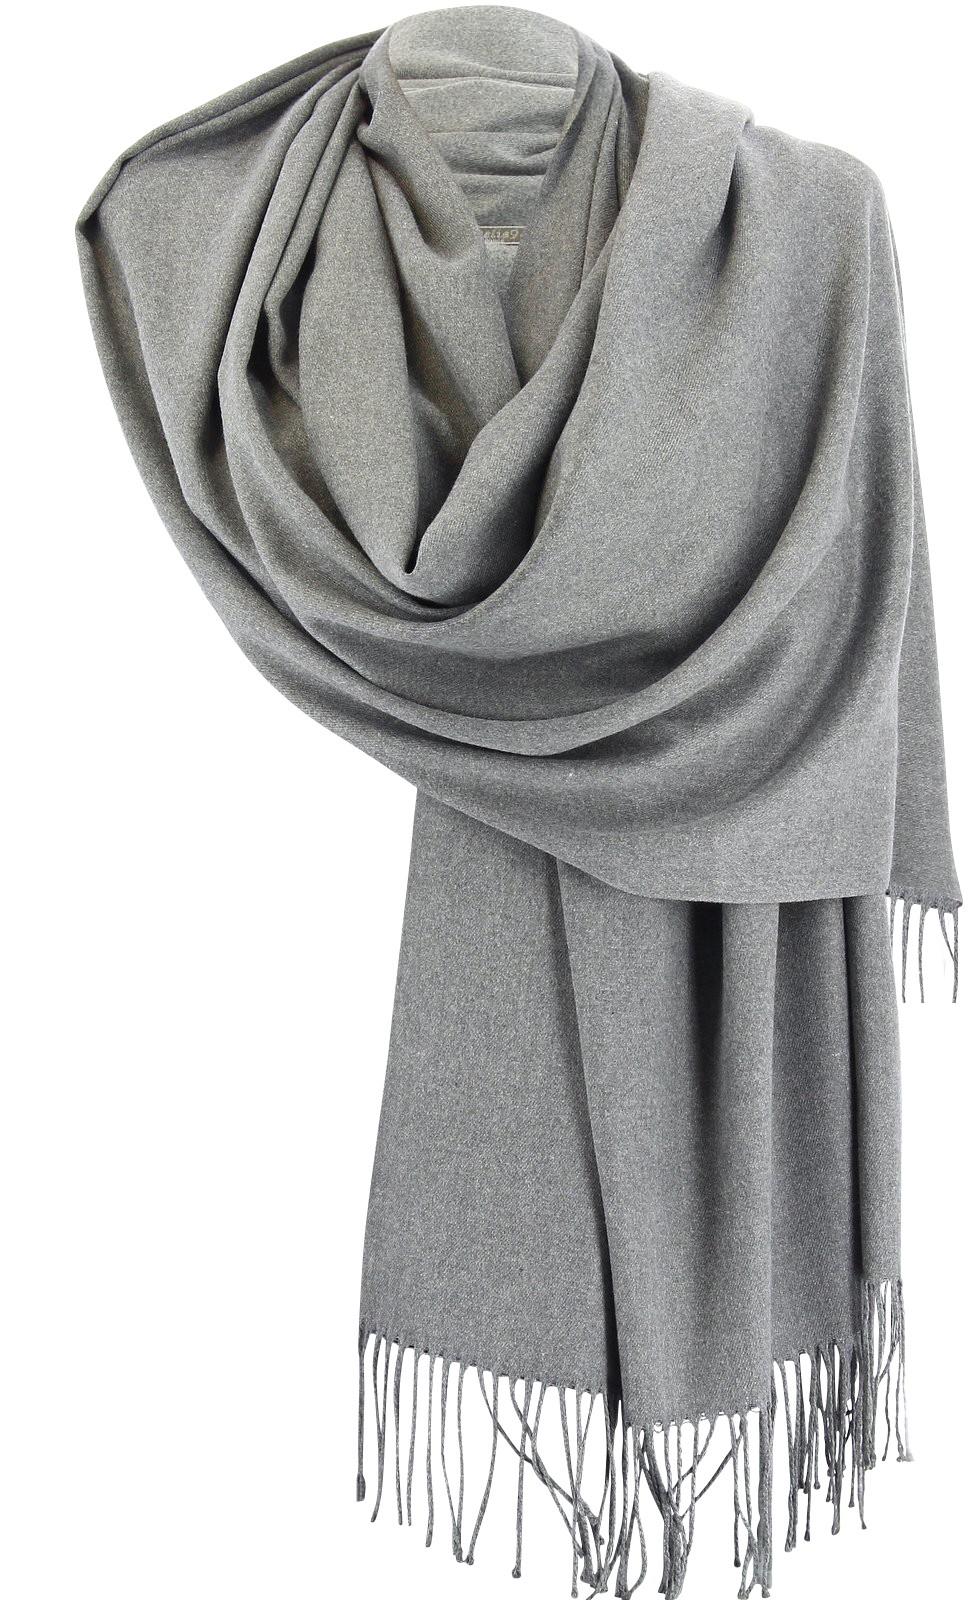 6741084e1d3a Echarpe chale laine echarpe carreaux femme